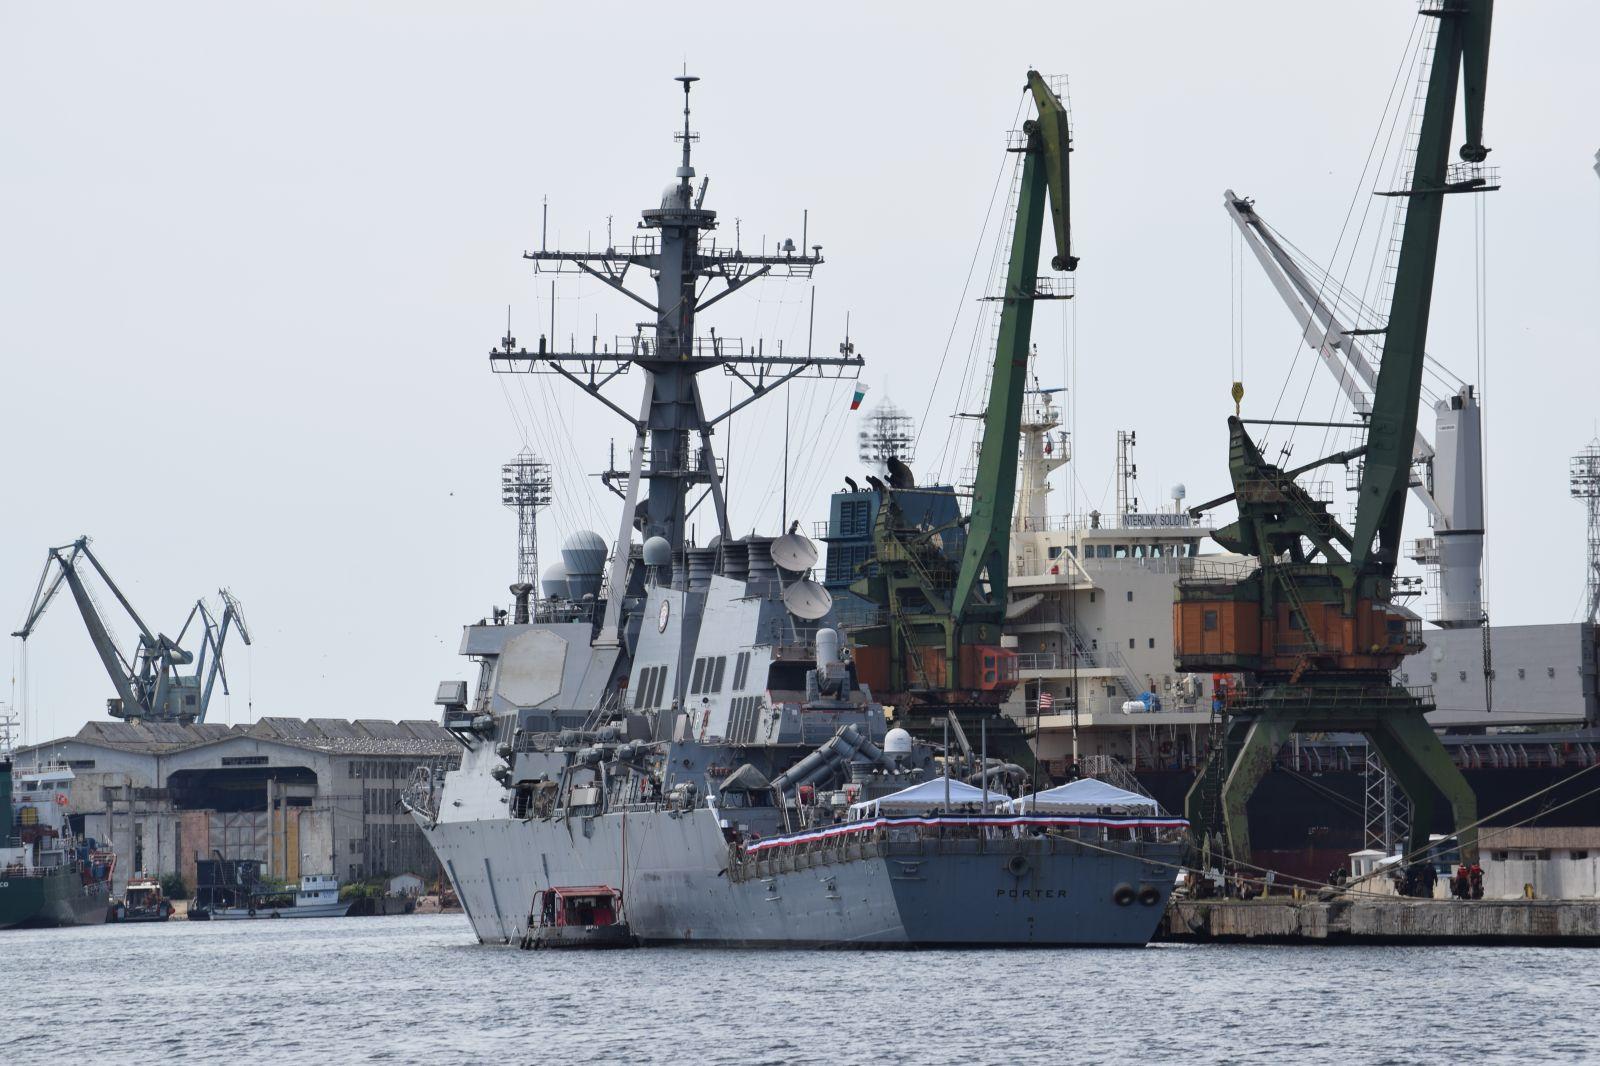 DDG-78 Porter – американски разрушител, нанесъл удари по Сирия, на визита във Варна  (ЕКСКЛУЗИВНА МОРСКА ГАЛЕРИЯ)